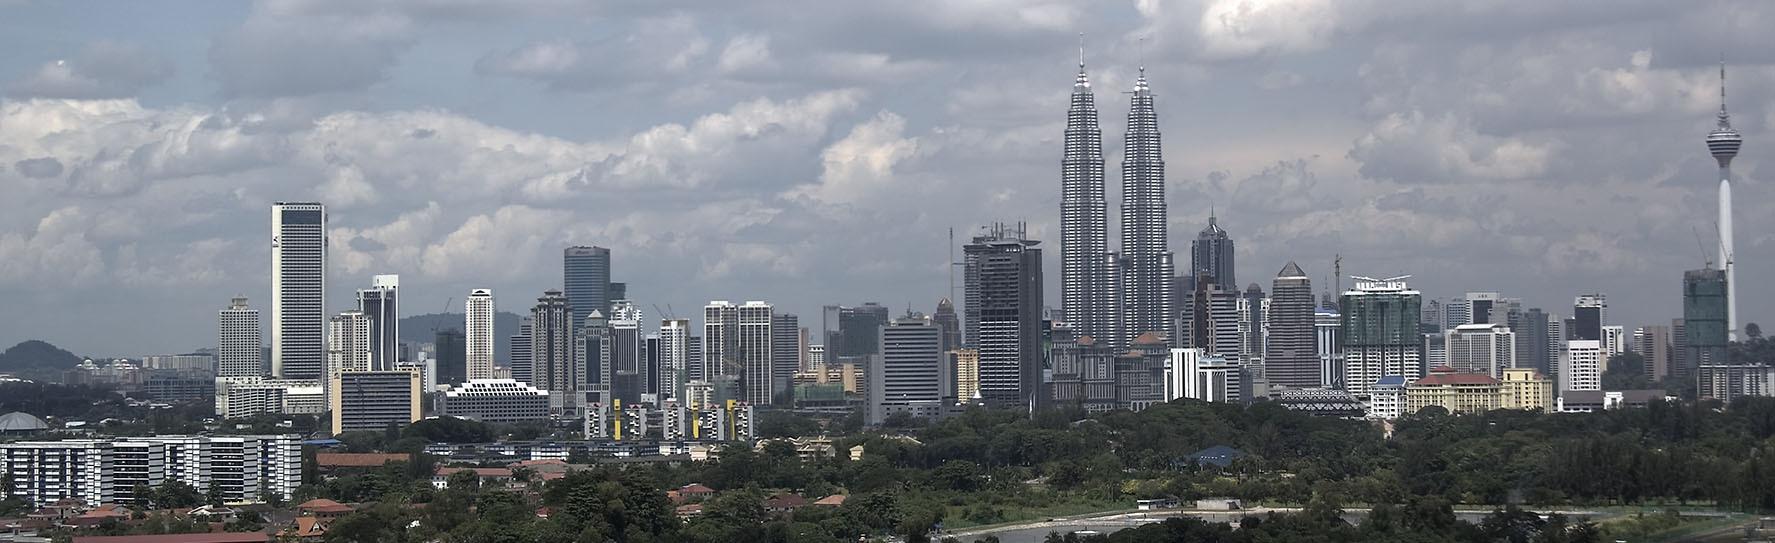 Kuala lumpur kl vs pj petaling jaya cost of living 1